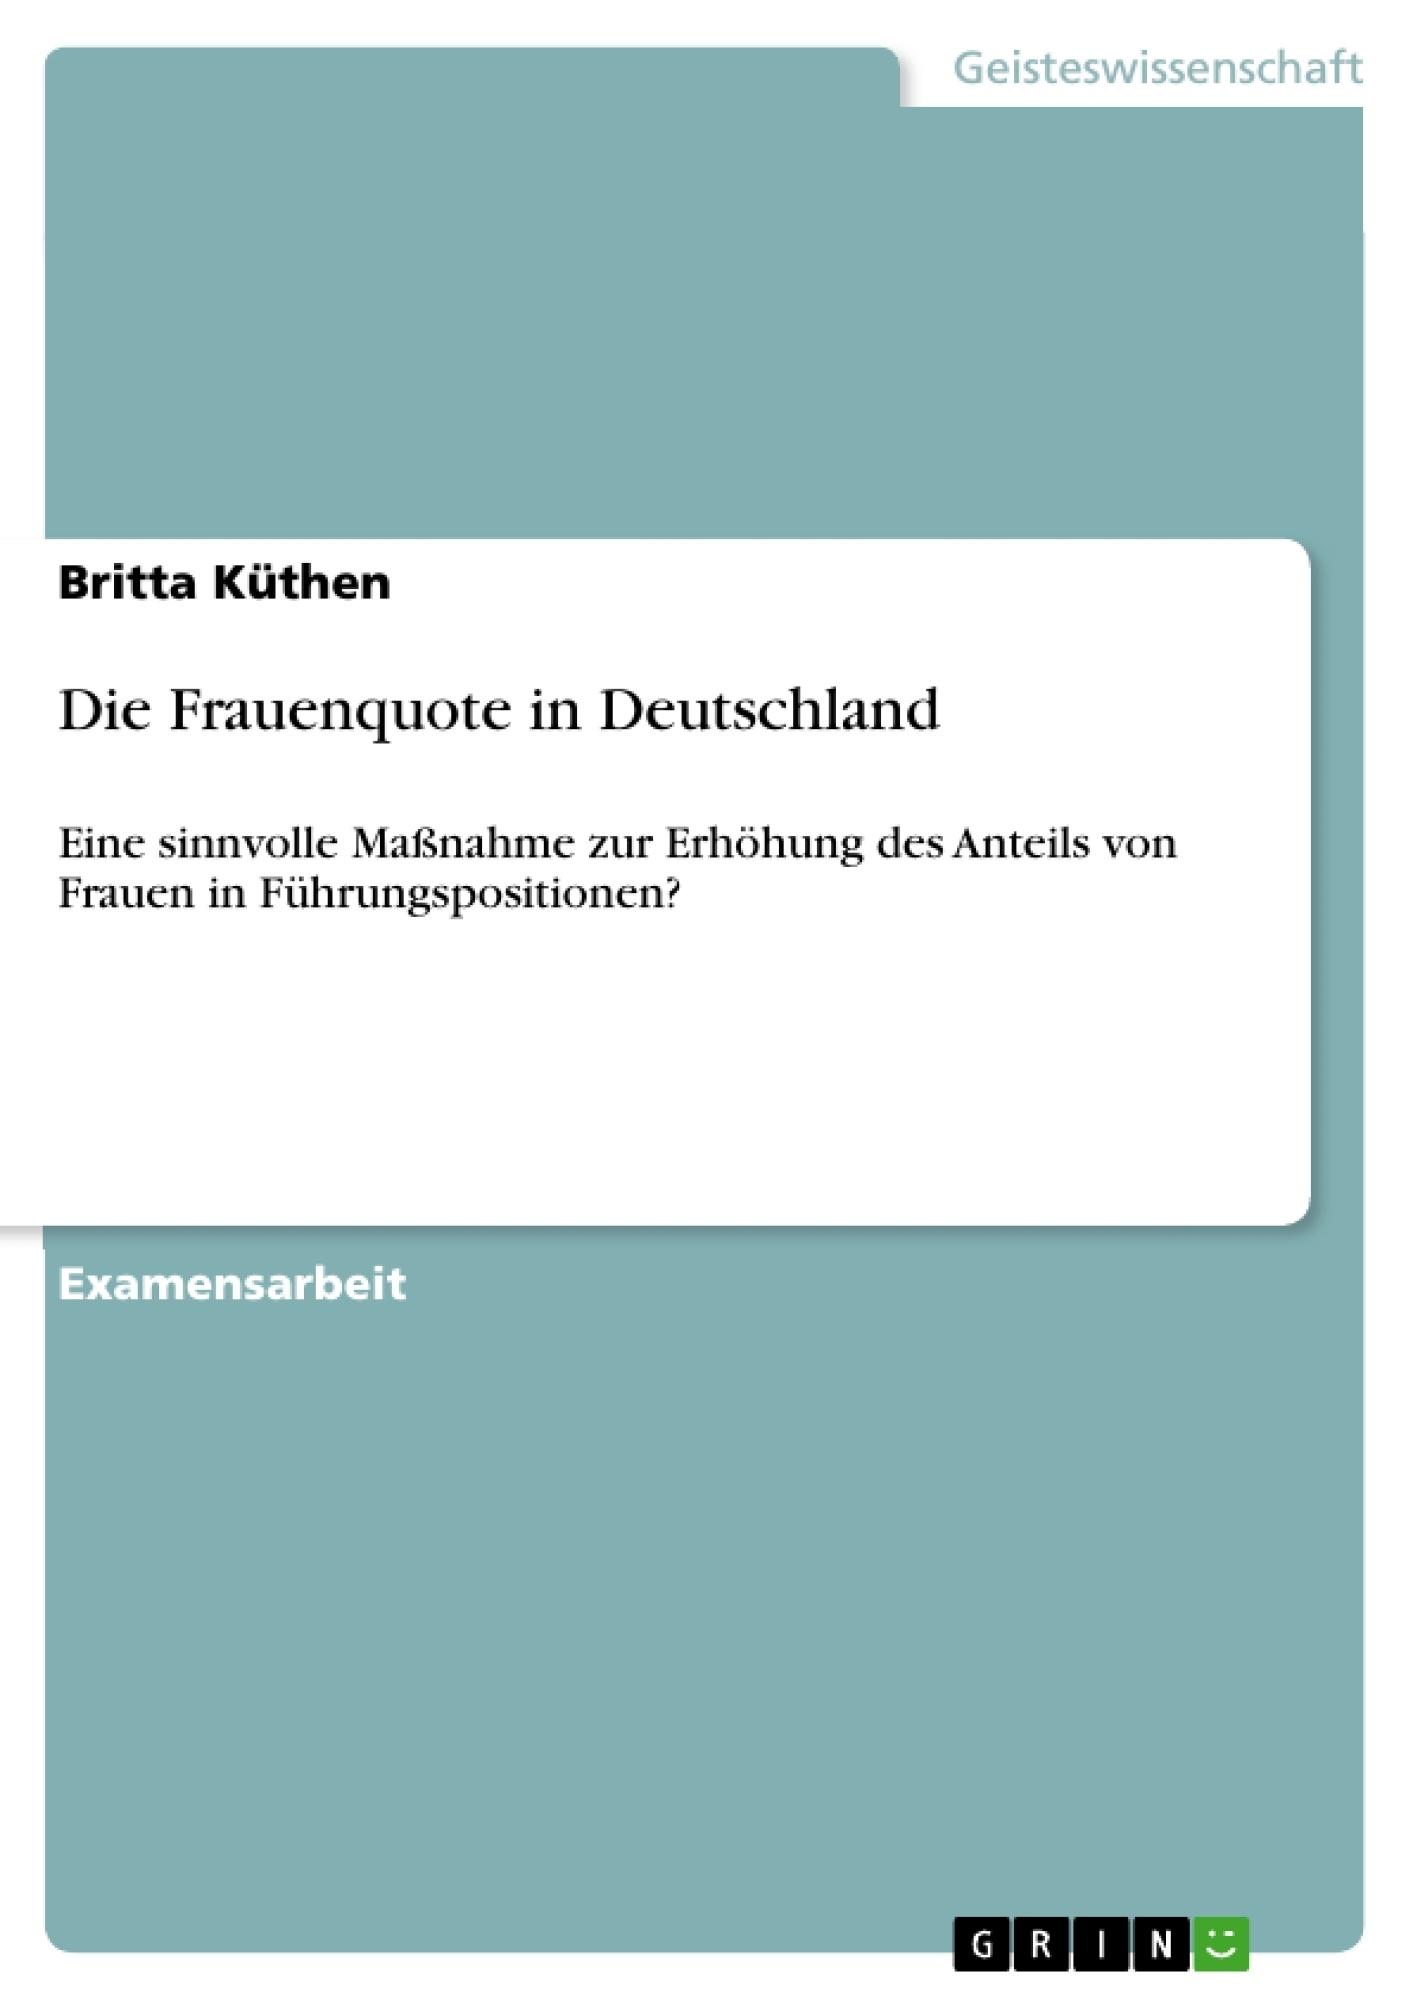 Titel: Die Frauenquote in Deutschland